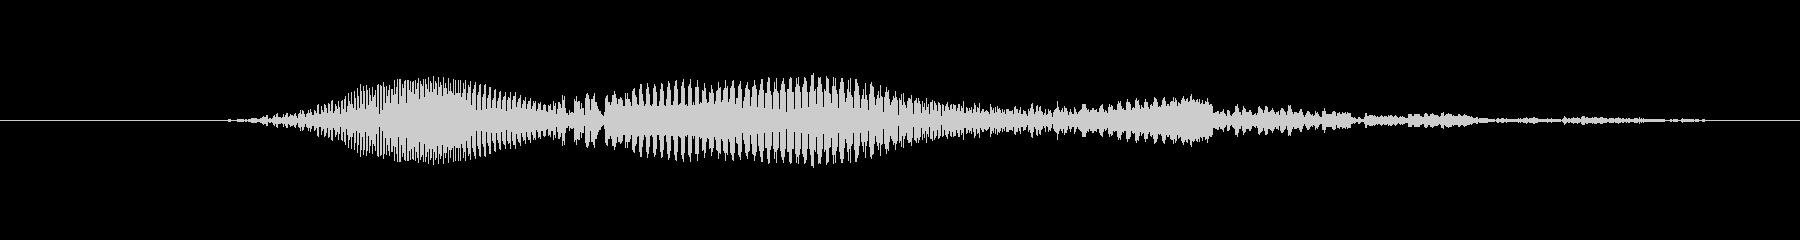 鳴き声 男性ファイトうめき声05の未再生の波形